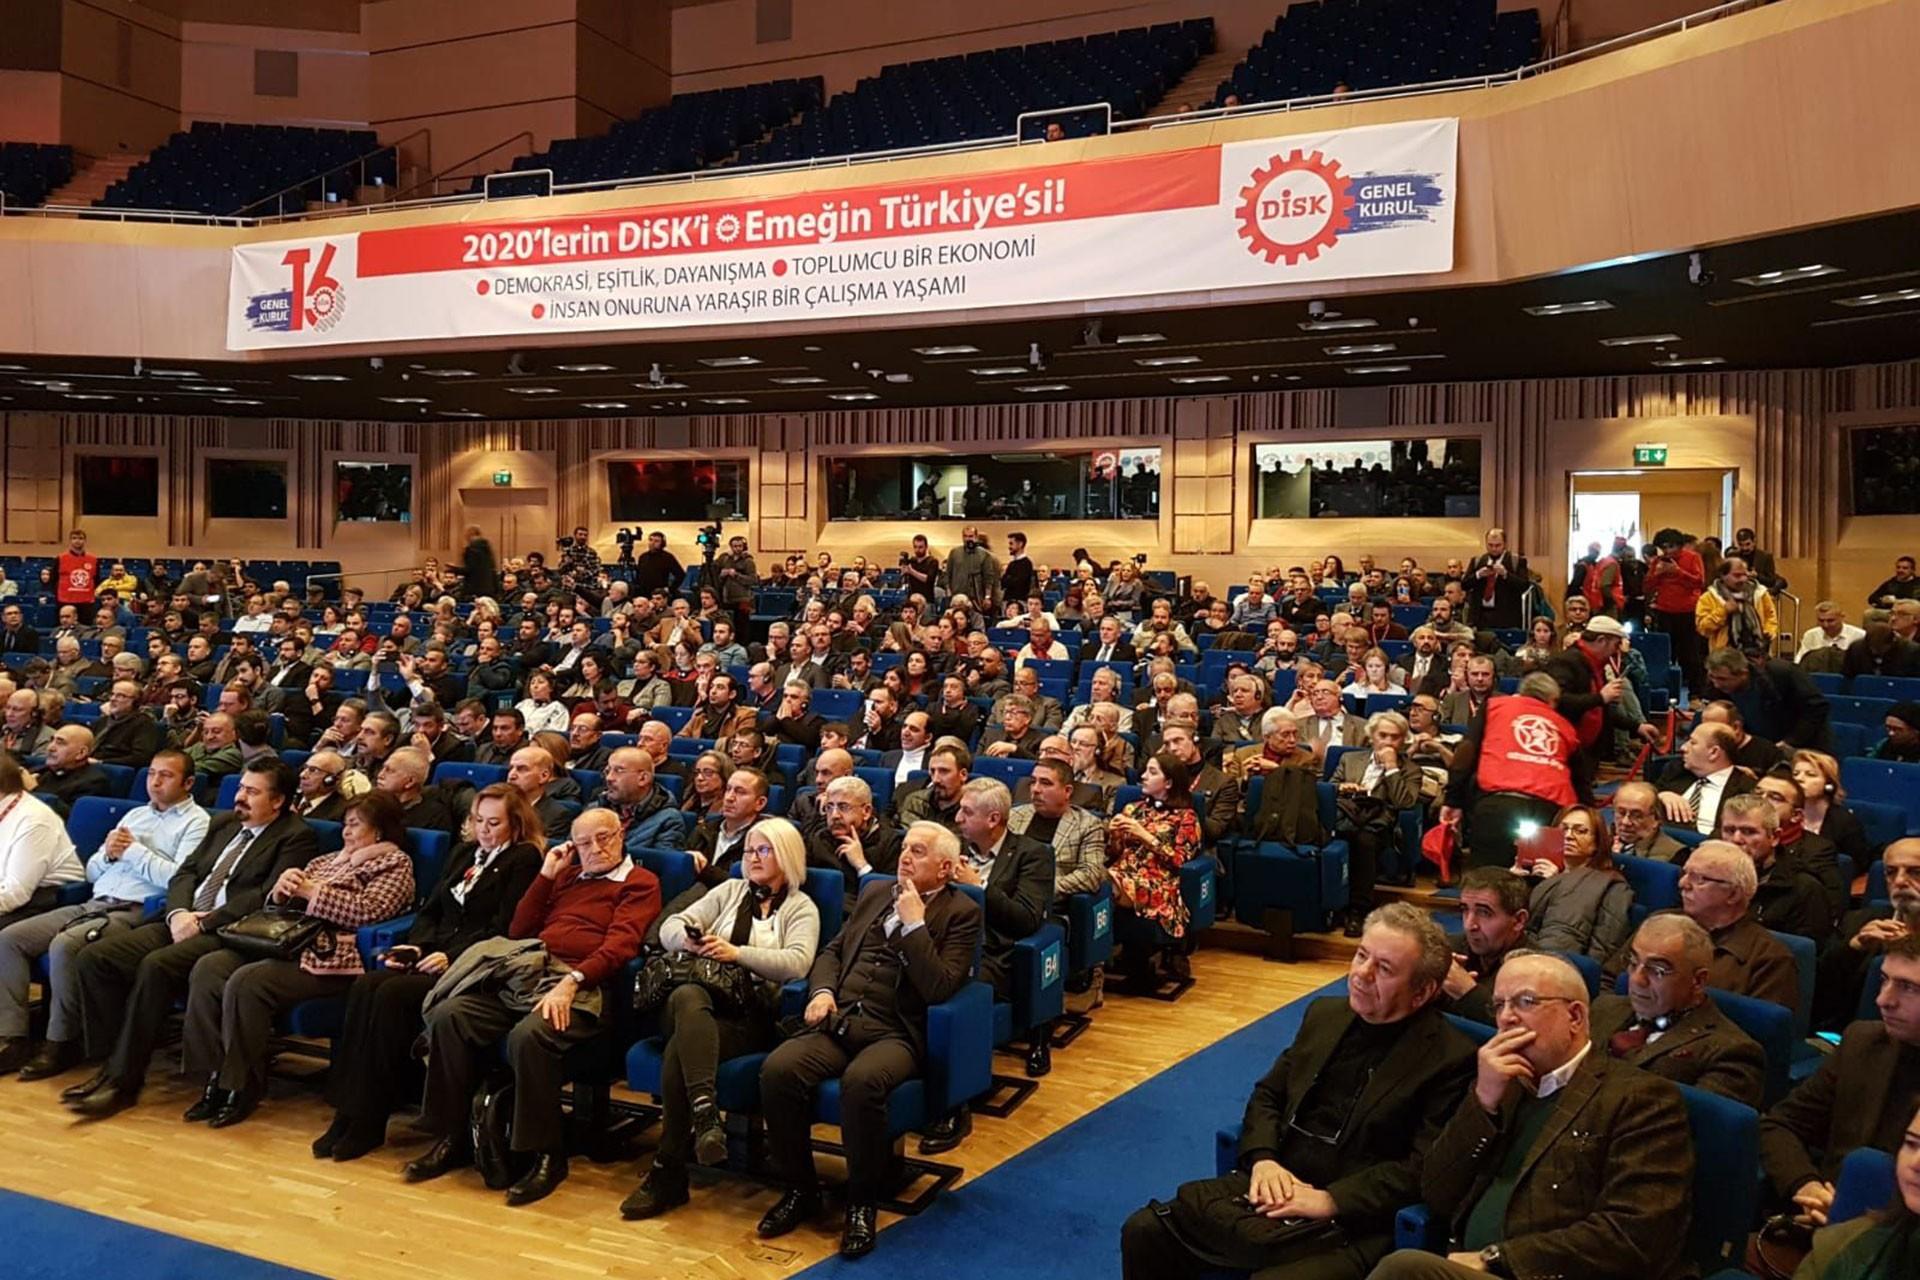 DİSK'in 53. kuruluş yıl dönümünde yapılan konferans